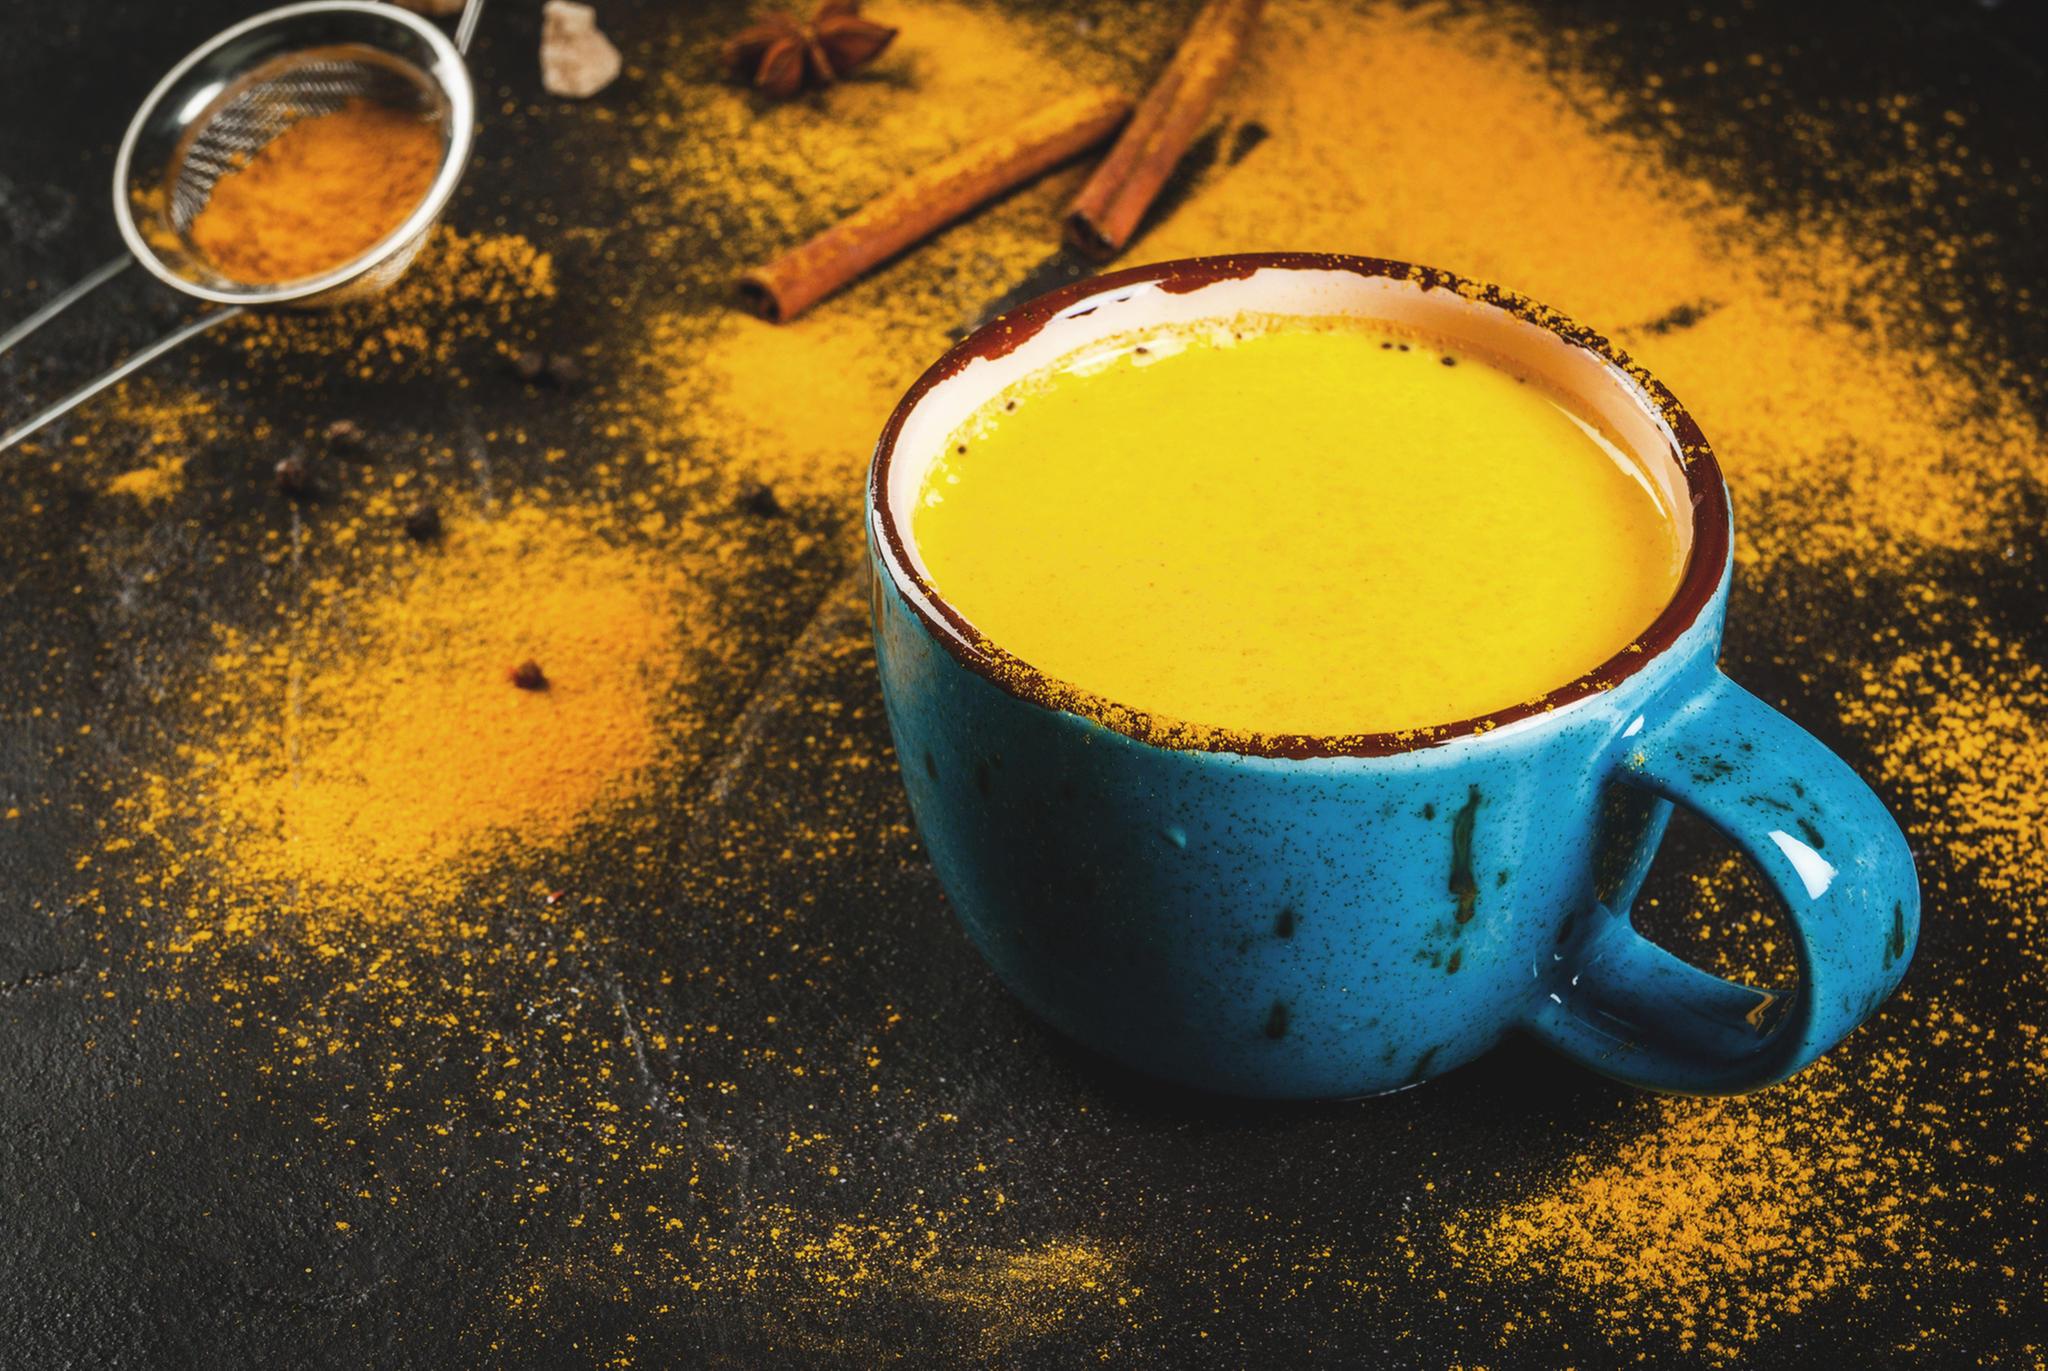 goldene milch warum trinken jetzt all diese fiese gelbe. Black Bedroom Furniture Sets. Home Design Ideas